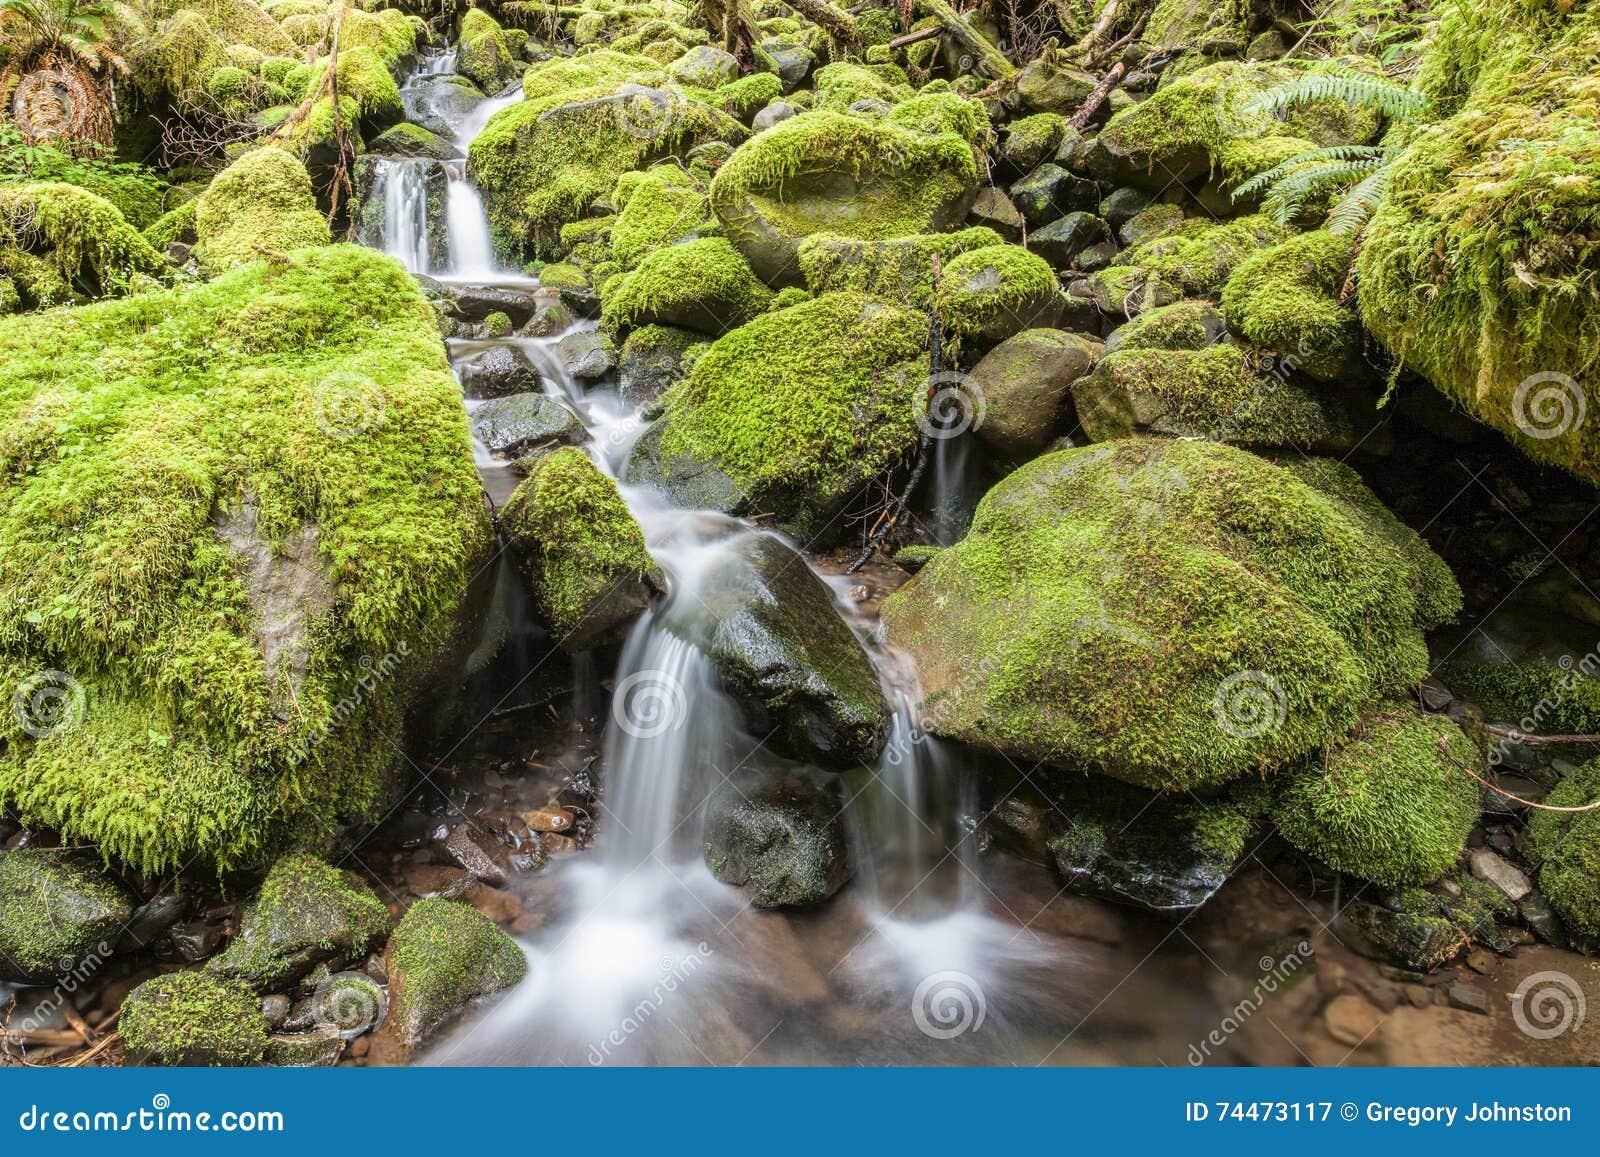 Cascades door mos behandelde rotsen